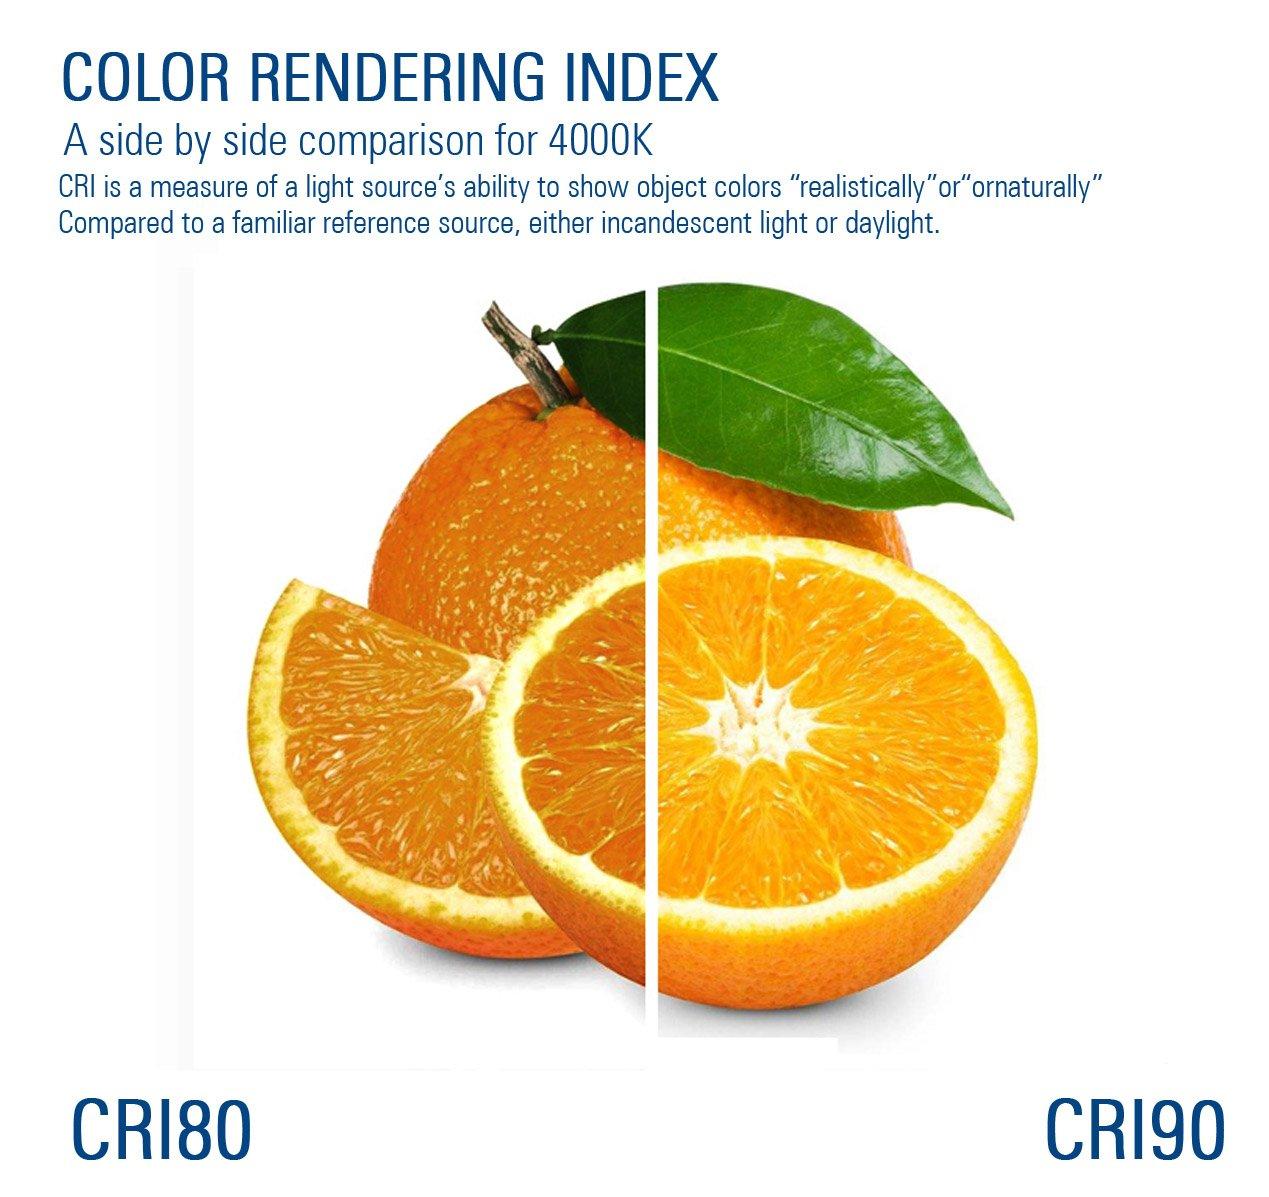 Bombilla LED de 5.5W Gu10,AC230V,Equivalente 50-60W GU10 Bombillas halógenas No Regulable RA90,550LM 4000K Blanco Natural,Iluminación empotrada,Foco ...